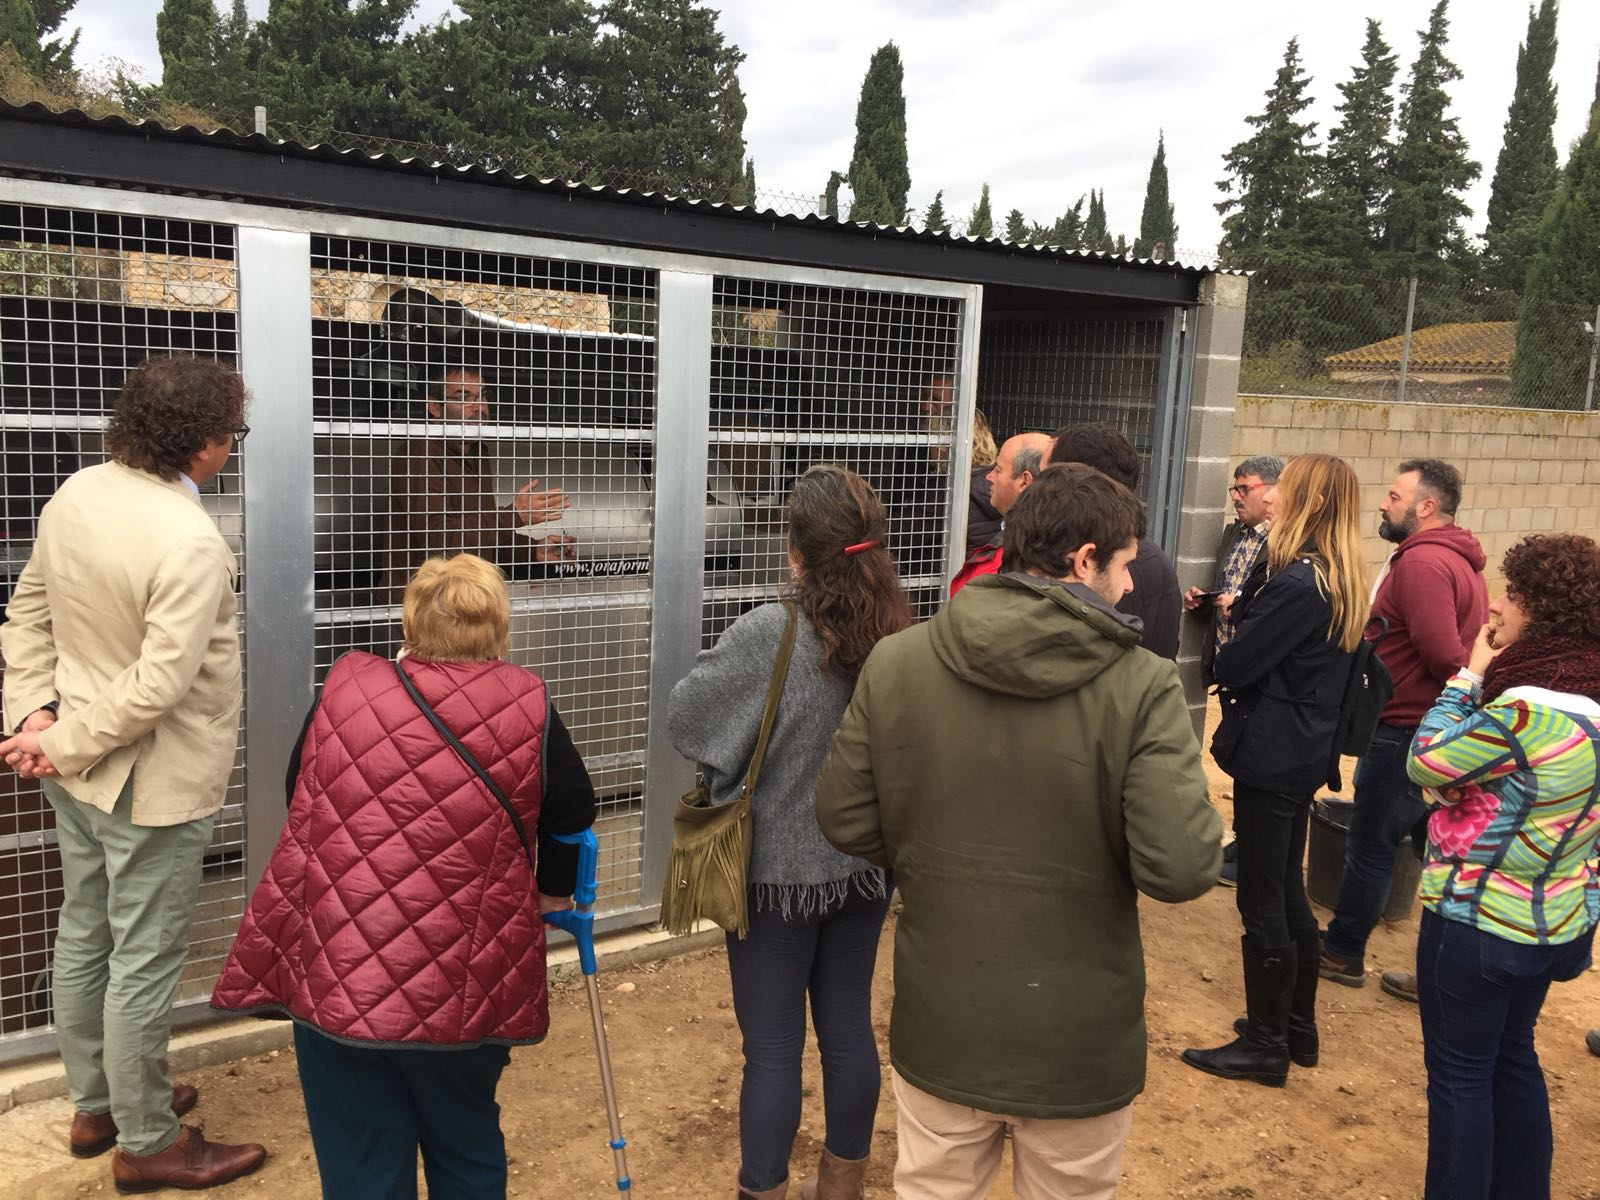 La prova pilot per recollir la matèria orgànica de Viladamat utilitzant un compostador mecanitzat dóna bons resultats